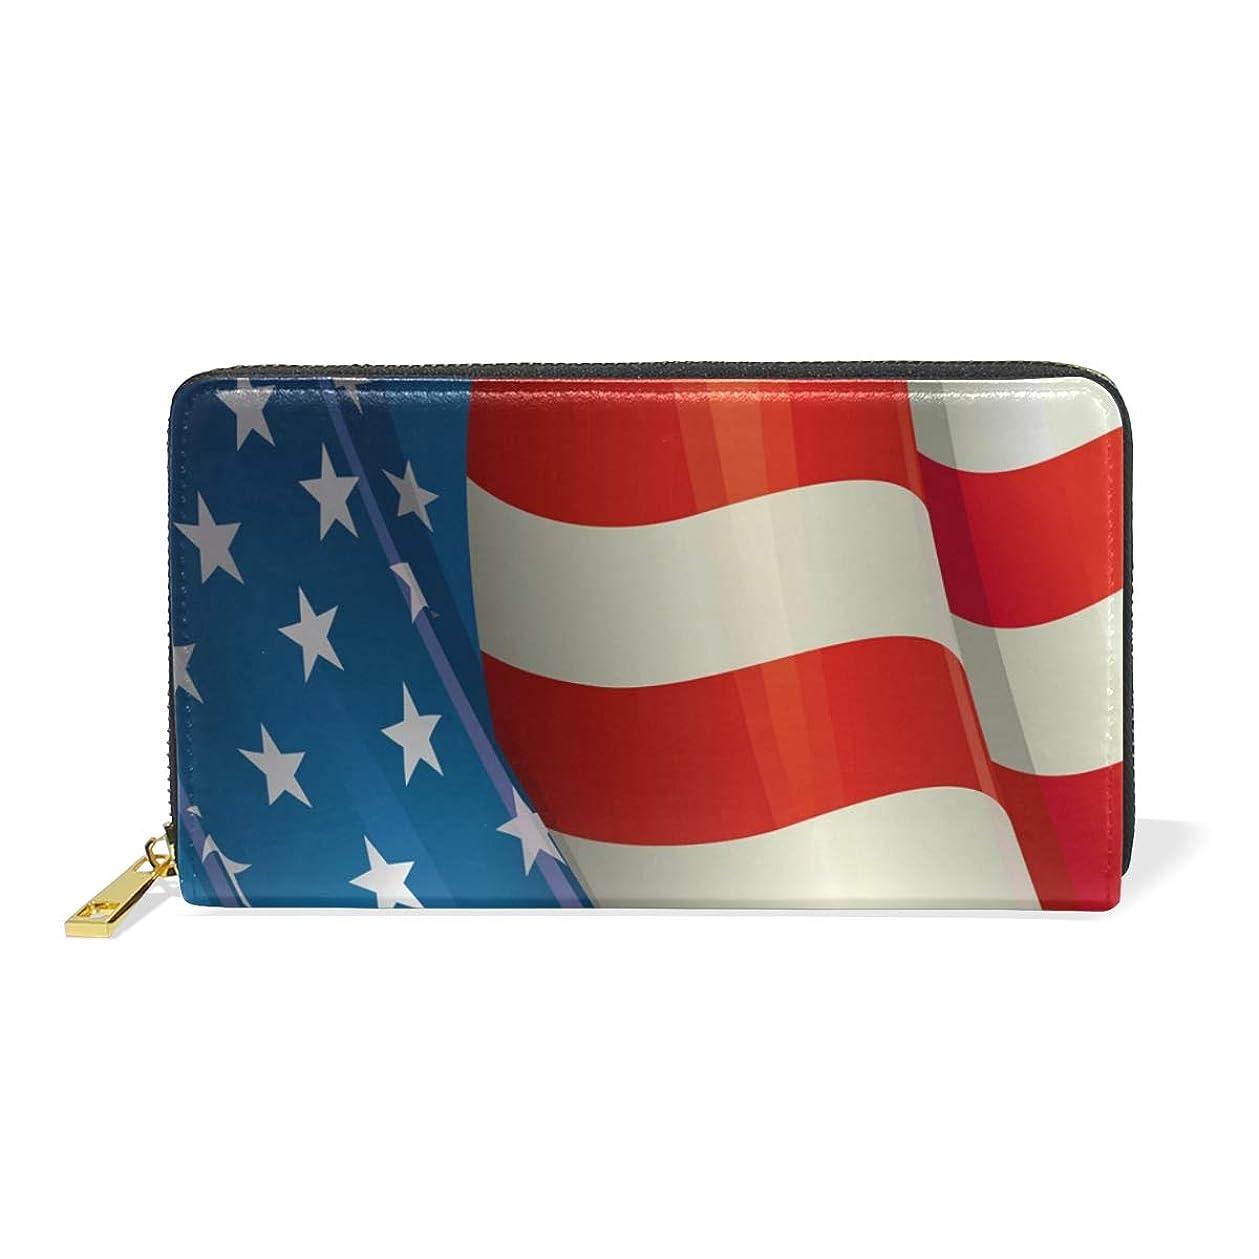 役立つ想定するヤギマキク(MAKIKU) 長財布 レディース 大容量 星条旗柄 国旗 レザー 革 プレゼント対応